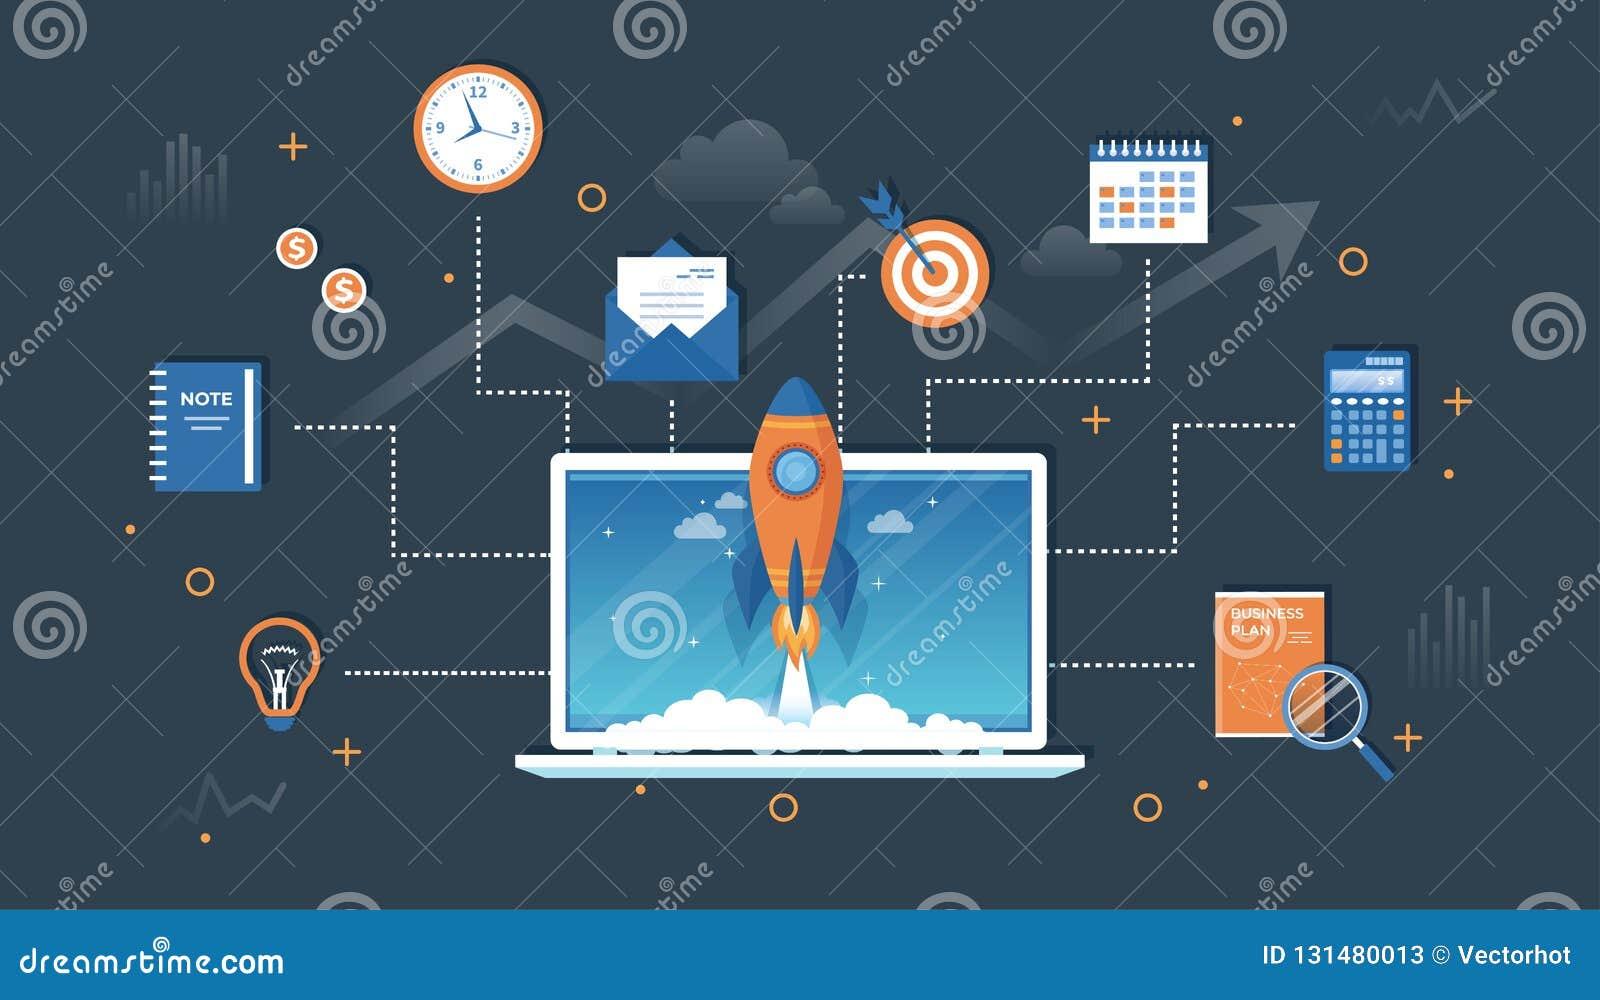 Bedrijfsprojectopstarten, financiële planning, idee, strategie, beheer, totstandbrenging en succes Raketlancering van laptop